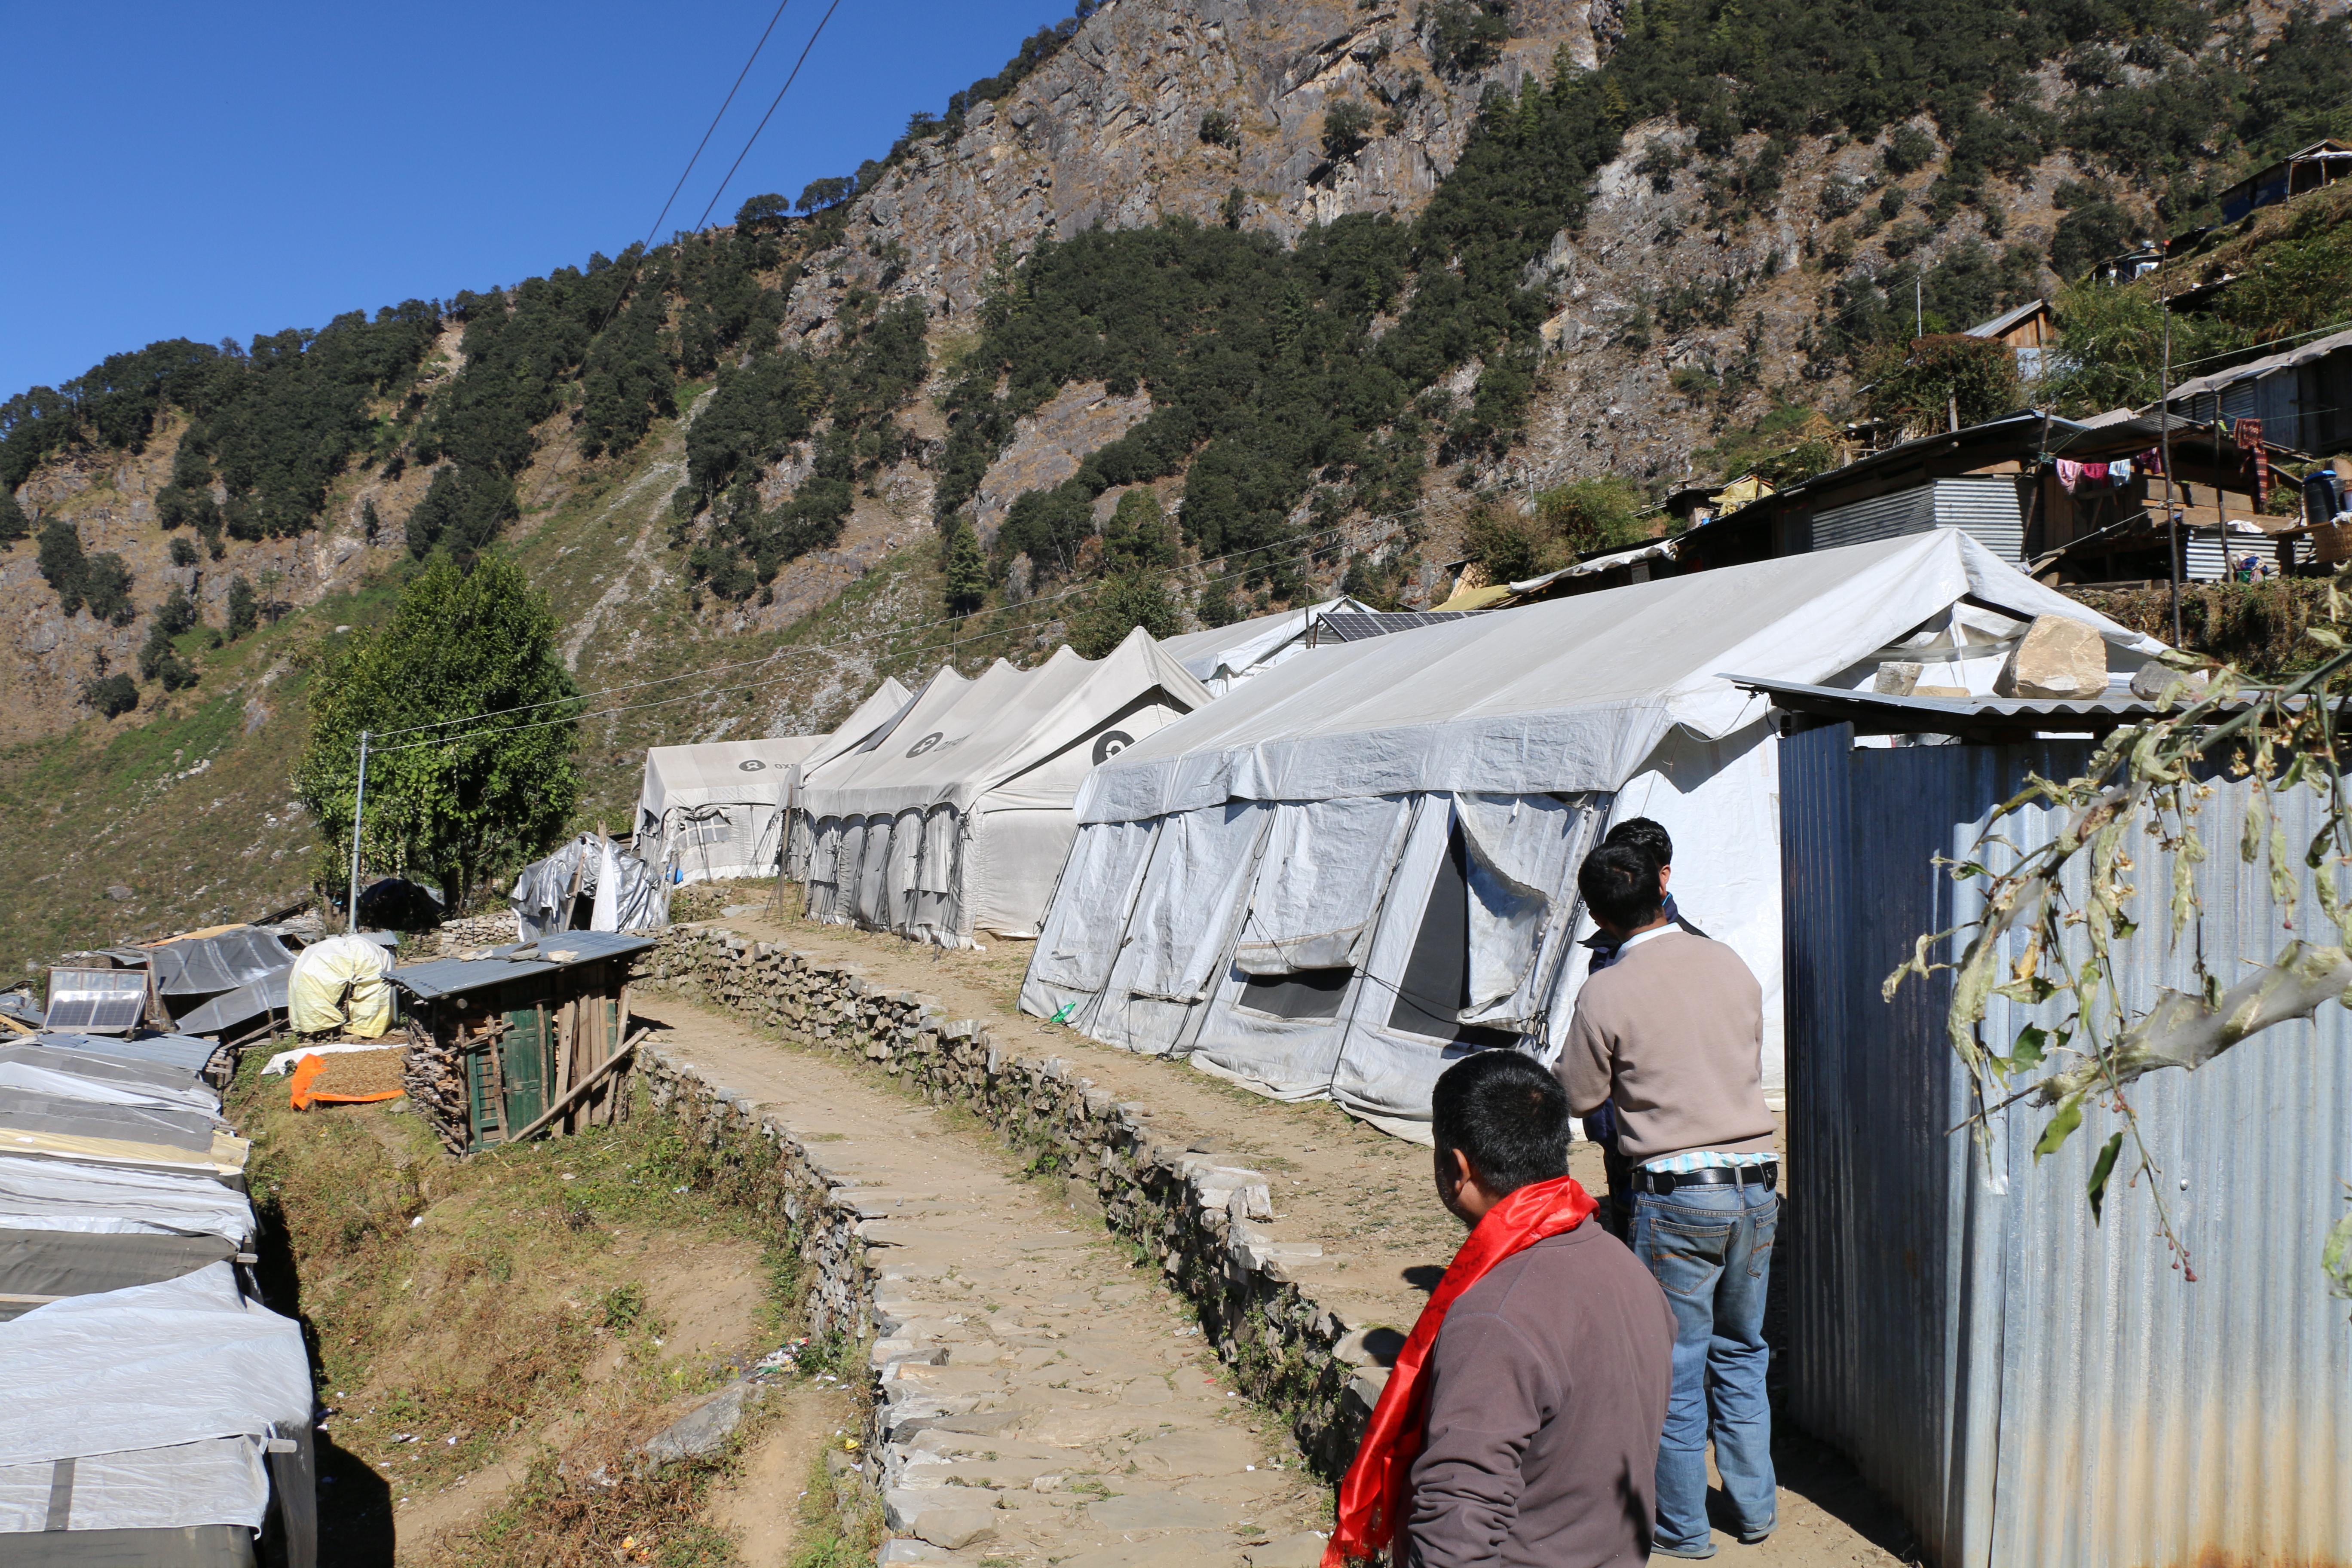 Camps in Kerauja